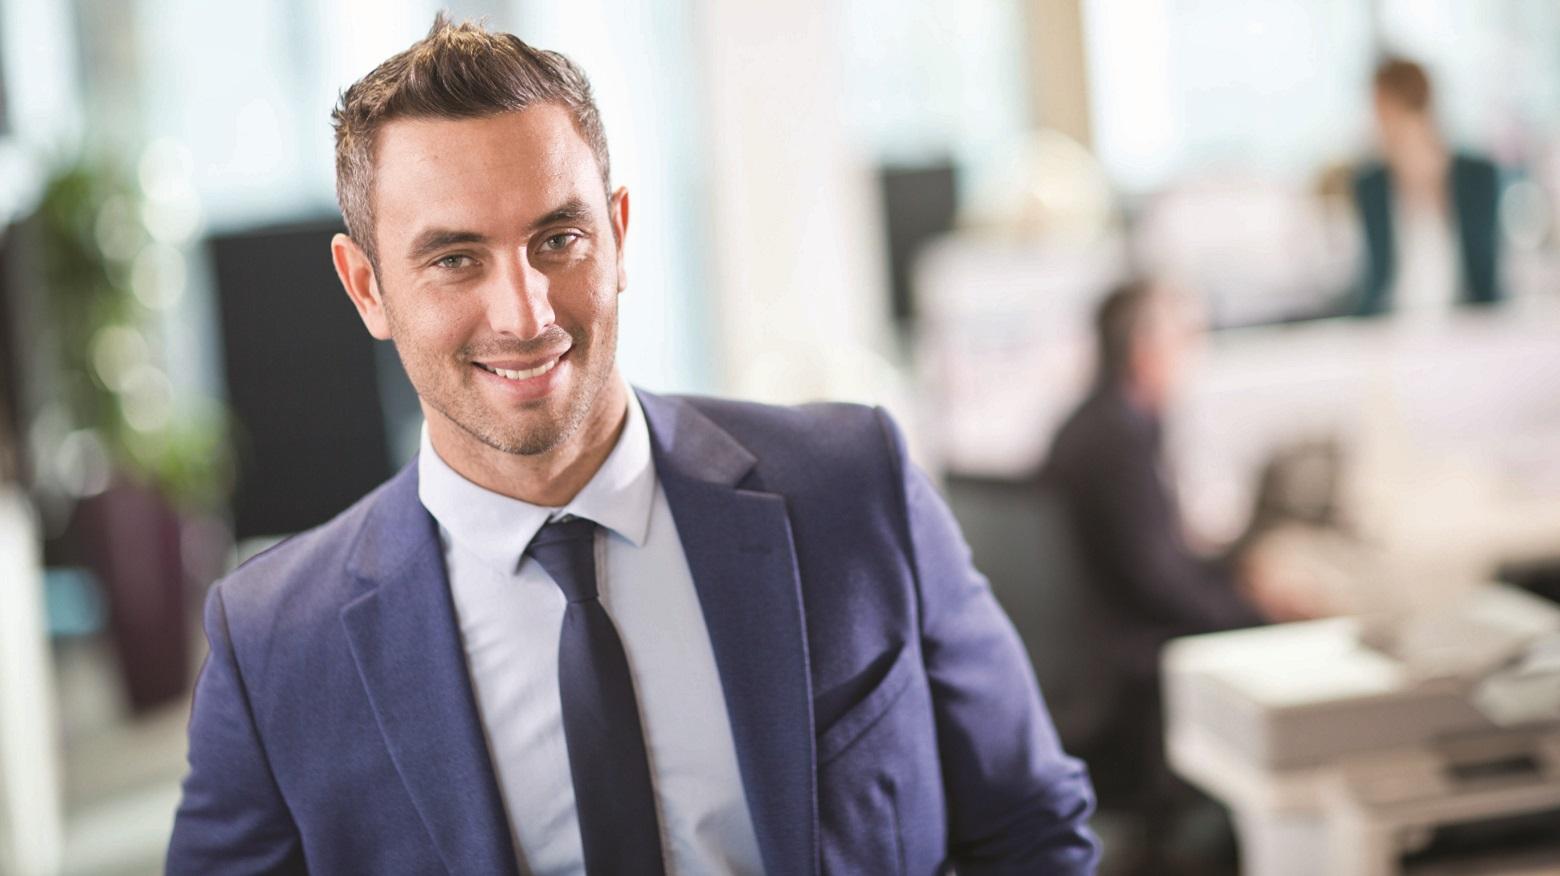 Manager sorridente in ufficio